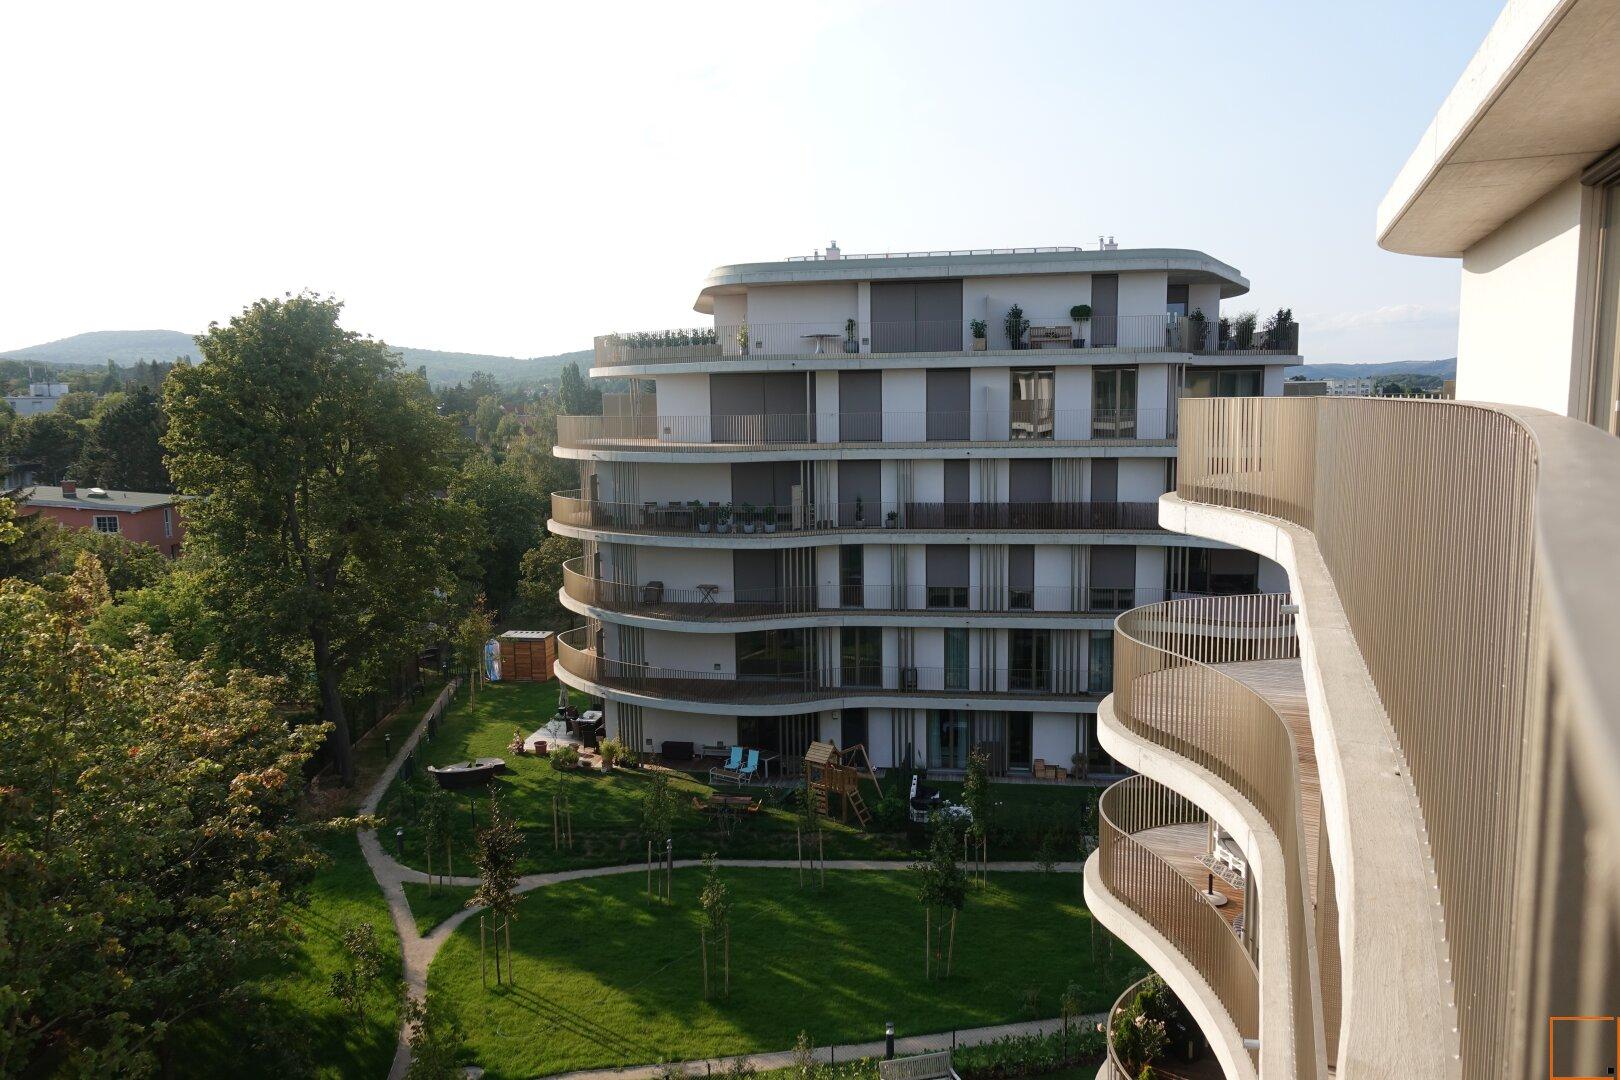 Blick von Terrasse auf Nebengebäude